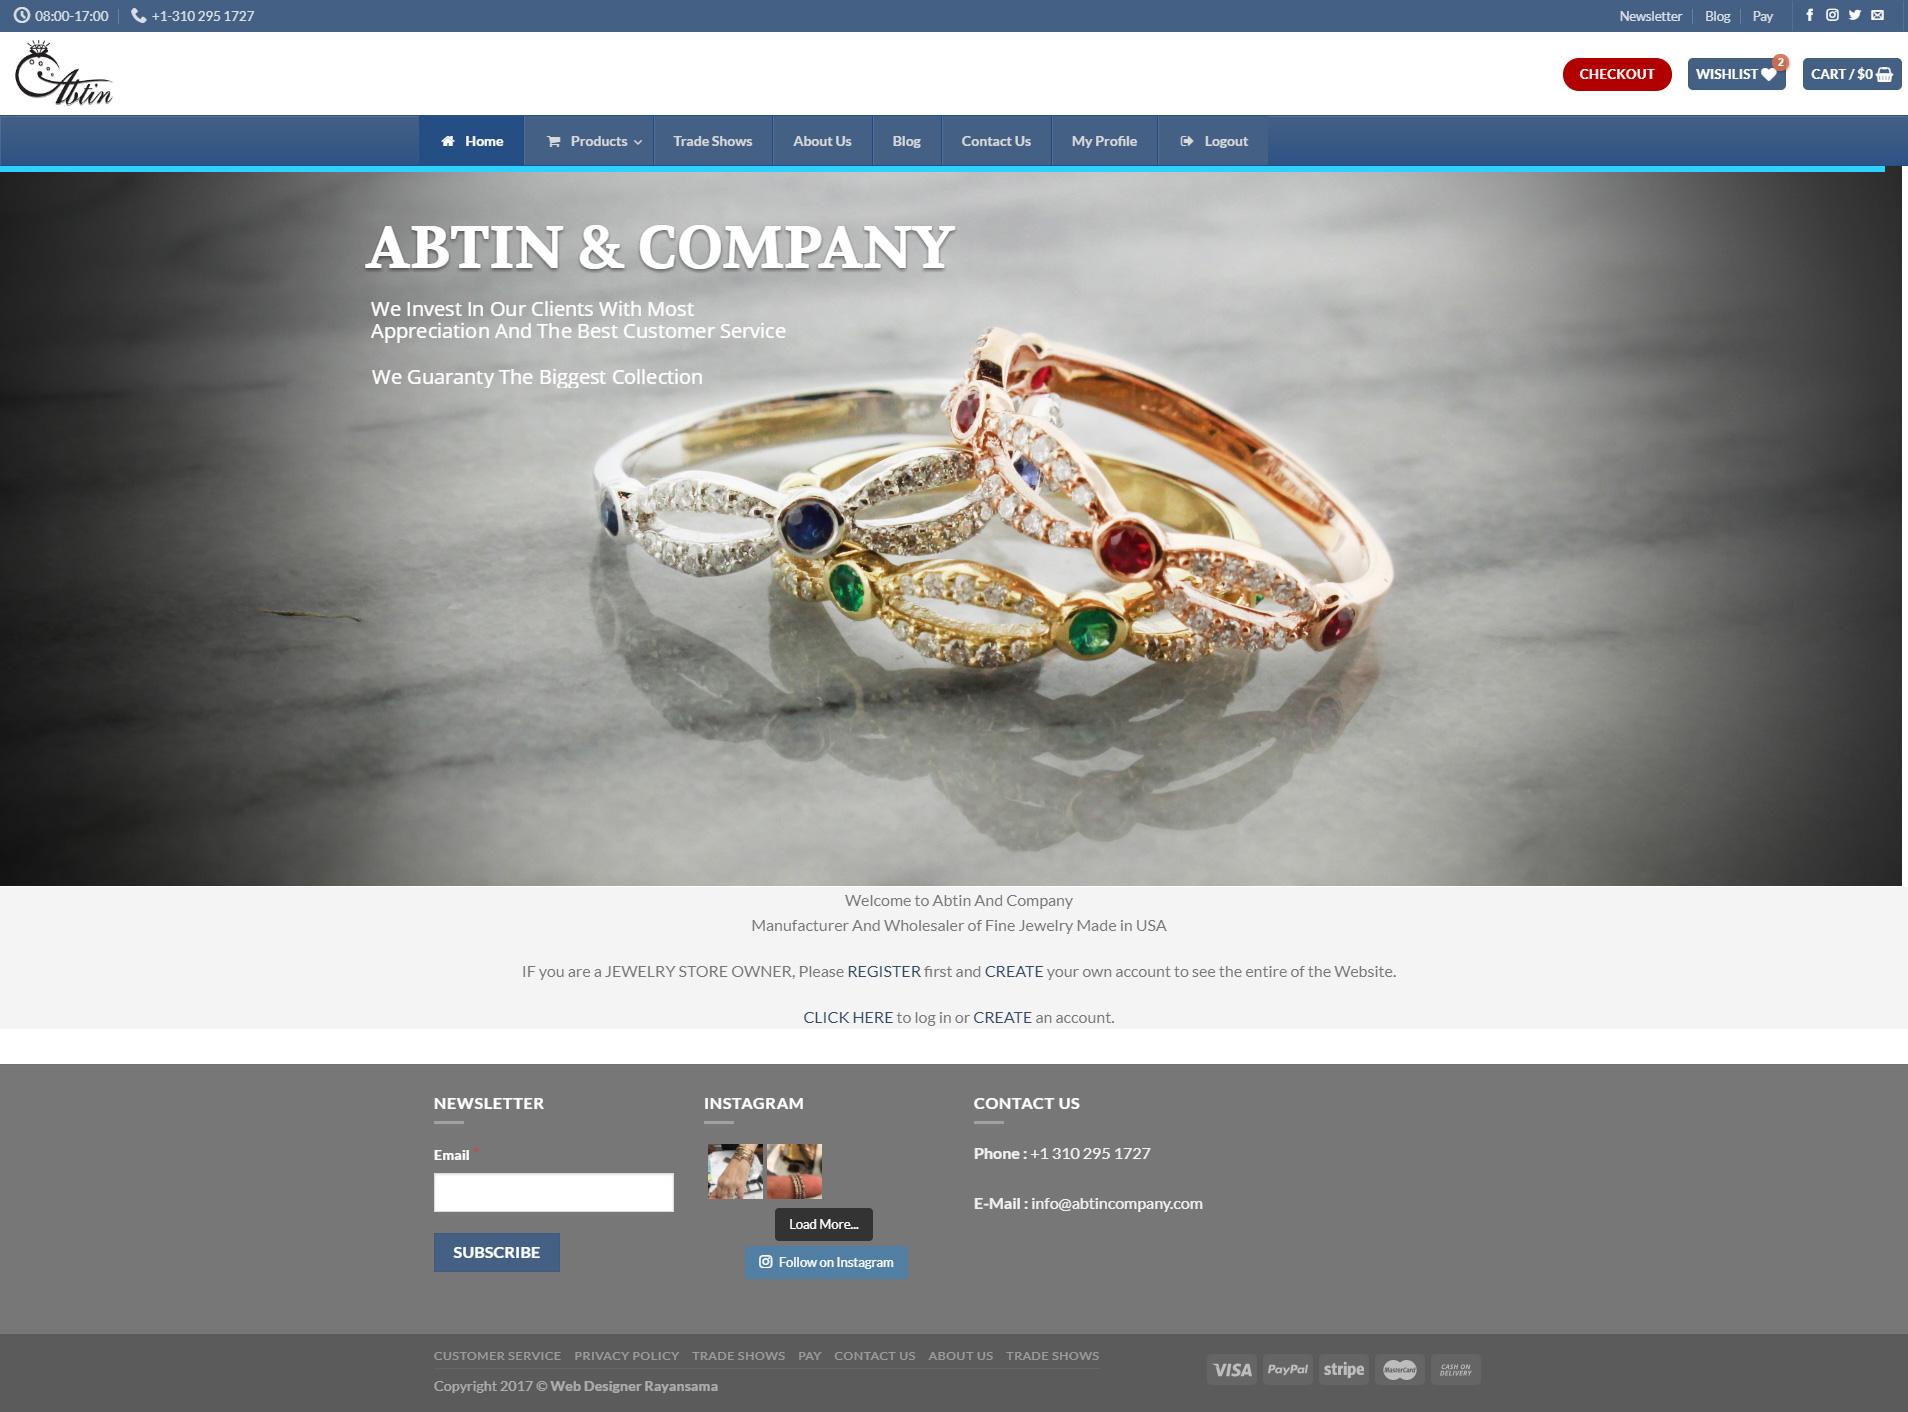 فروشگاه آبتین کمپانی فروشگاه آبتین کمپانی abtincompany 1  نمونه طراحی وب سایت abtincompany 1